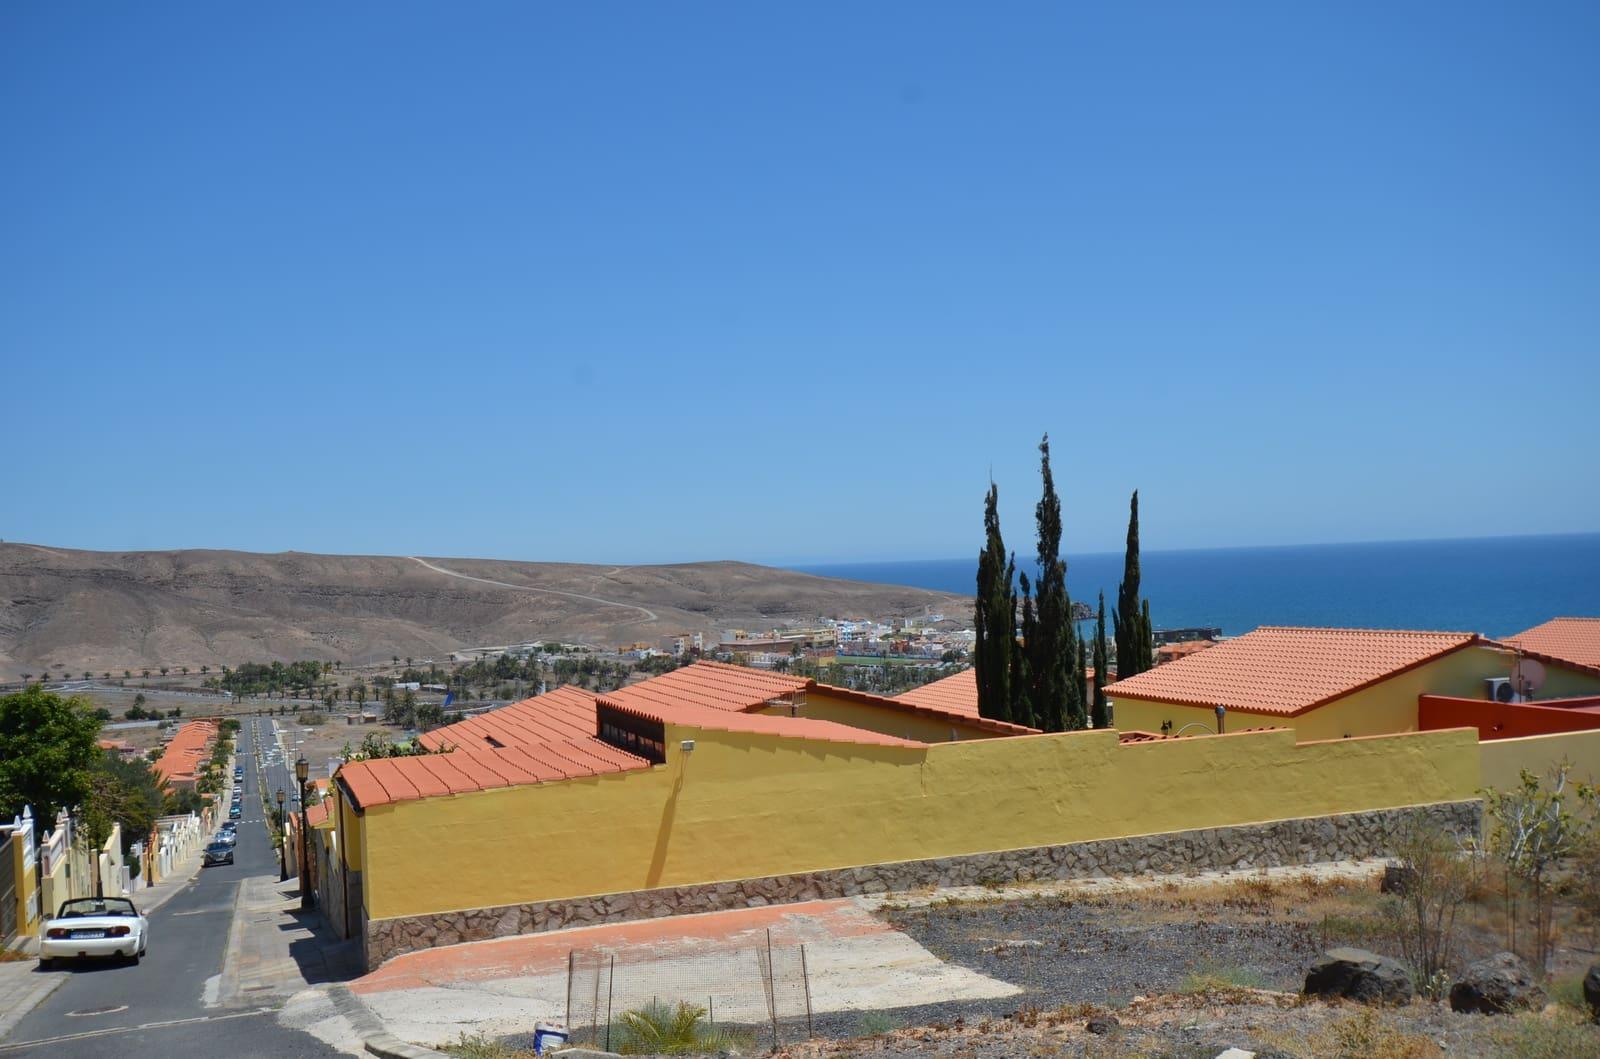 Adosado de 3 habitaciones en Tarajalejo en venta - 245.000 € (Ref: 4920457)